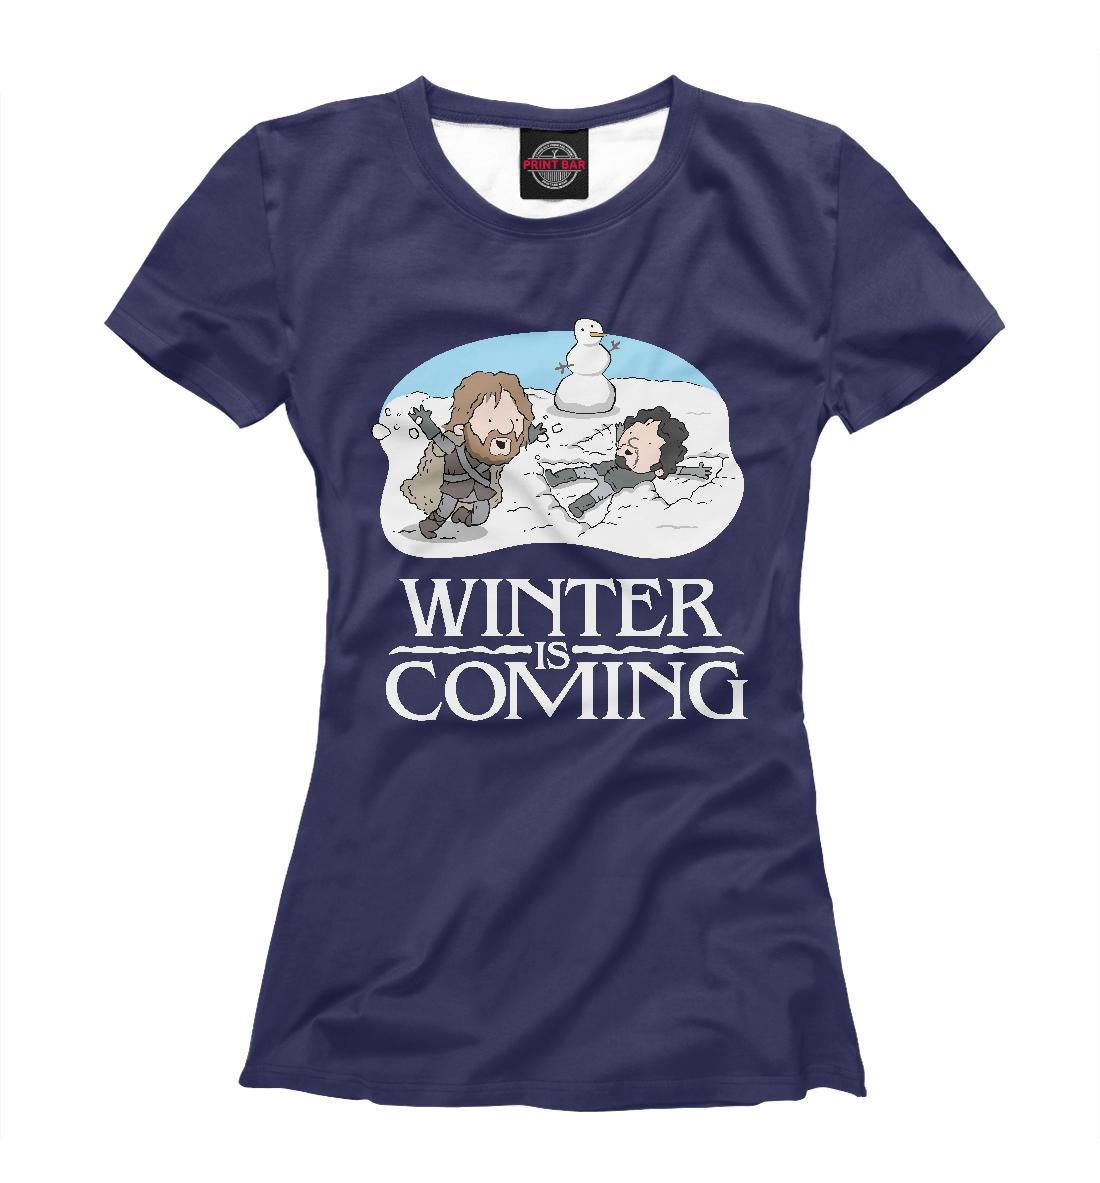 Купить Зима близко, Printbar, Футболки, IGR-495807-fut-1